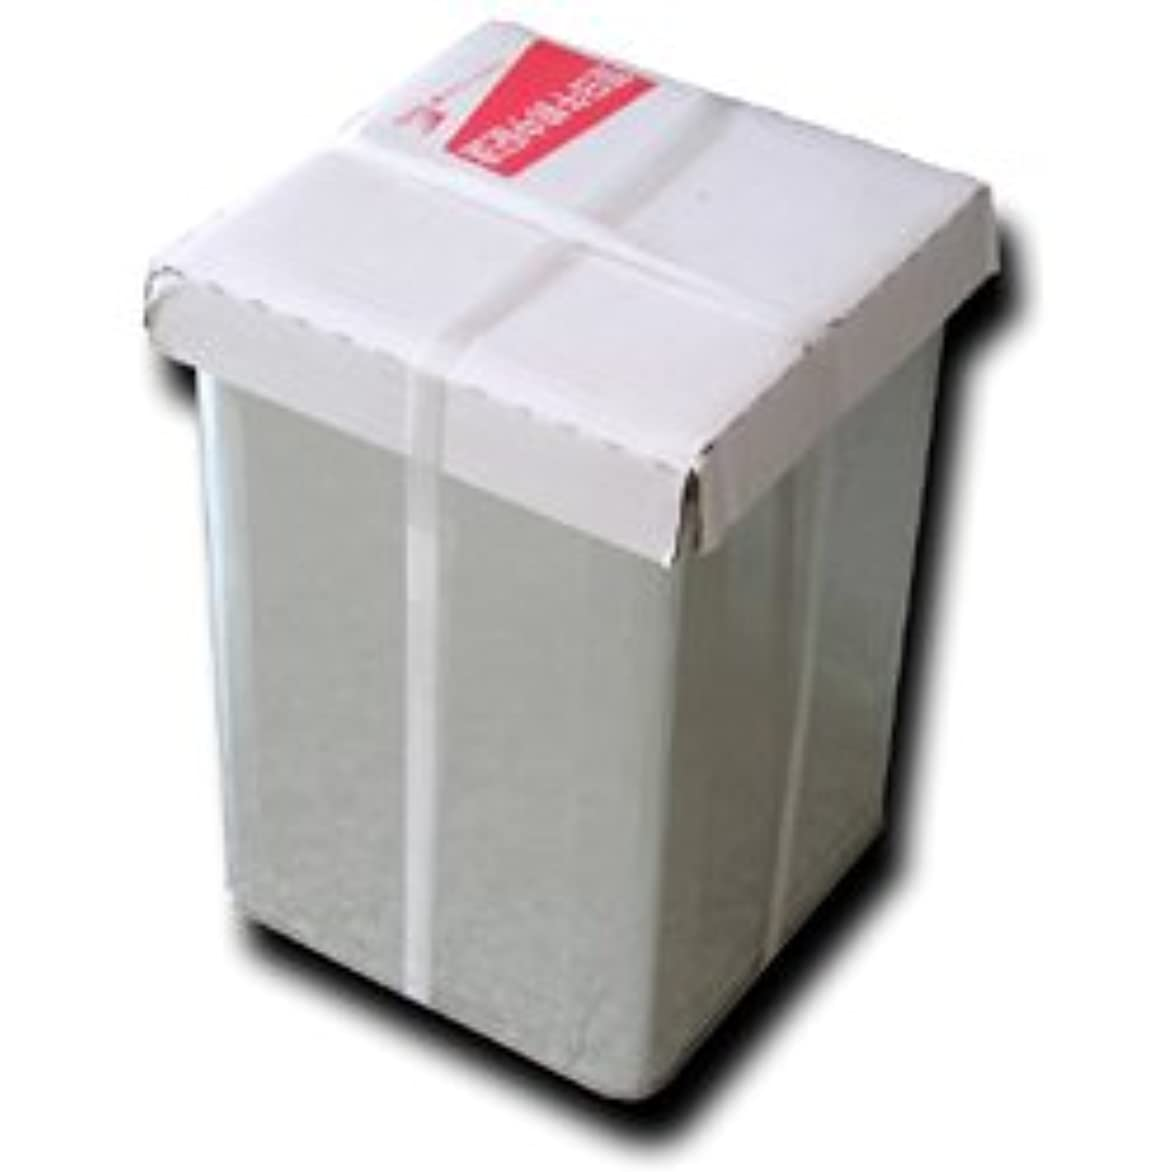 レッドデート侵略暴露する業務用 DHA油 ドコサヘキサエン酸 16kg×1缶 卸用